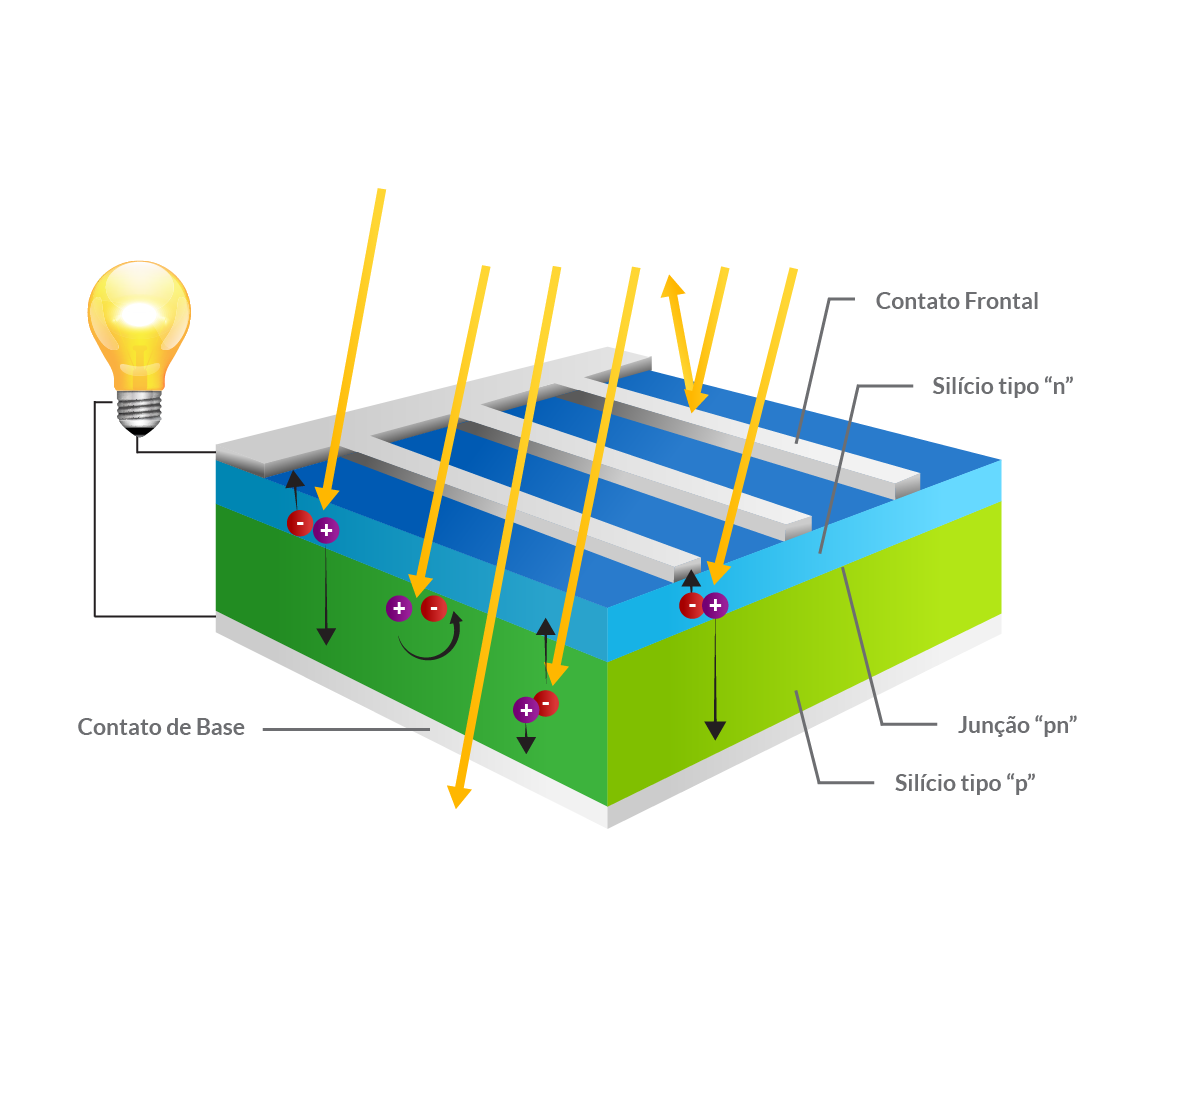 célula solar _ uma célula fotovoltaica